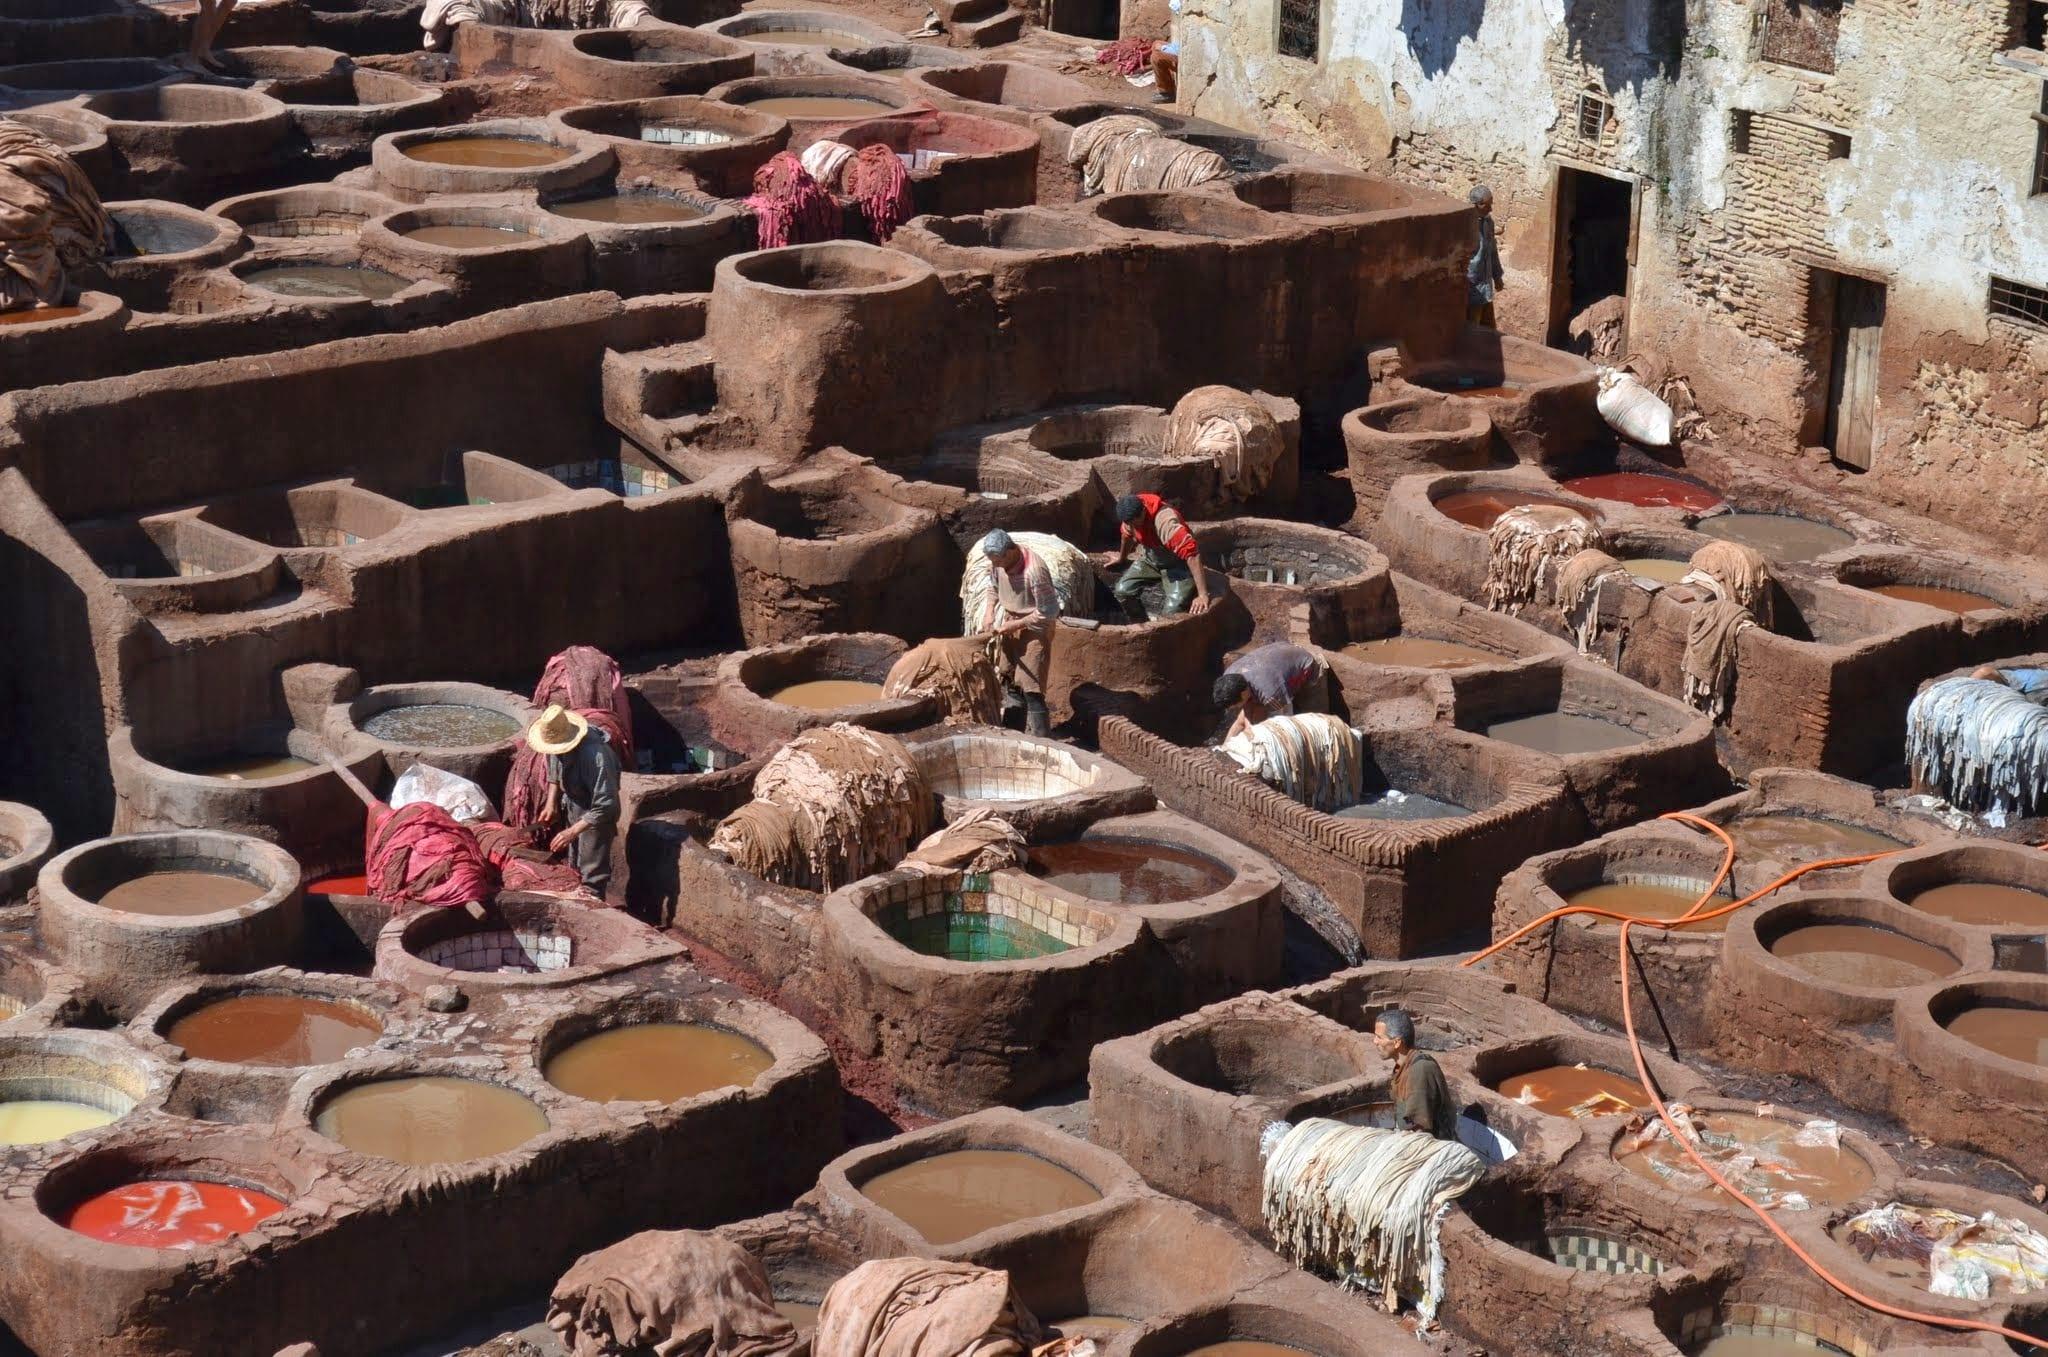 Prelucrarea pielii în Maroc. Muncitorii se scufundă în soluțiile toxice și cancerigene. Sursa foto: Vegan în România / Alexandra Vancea 2014